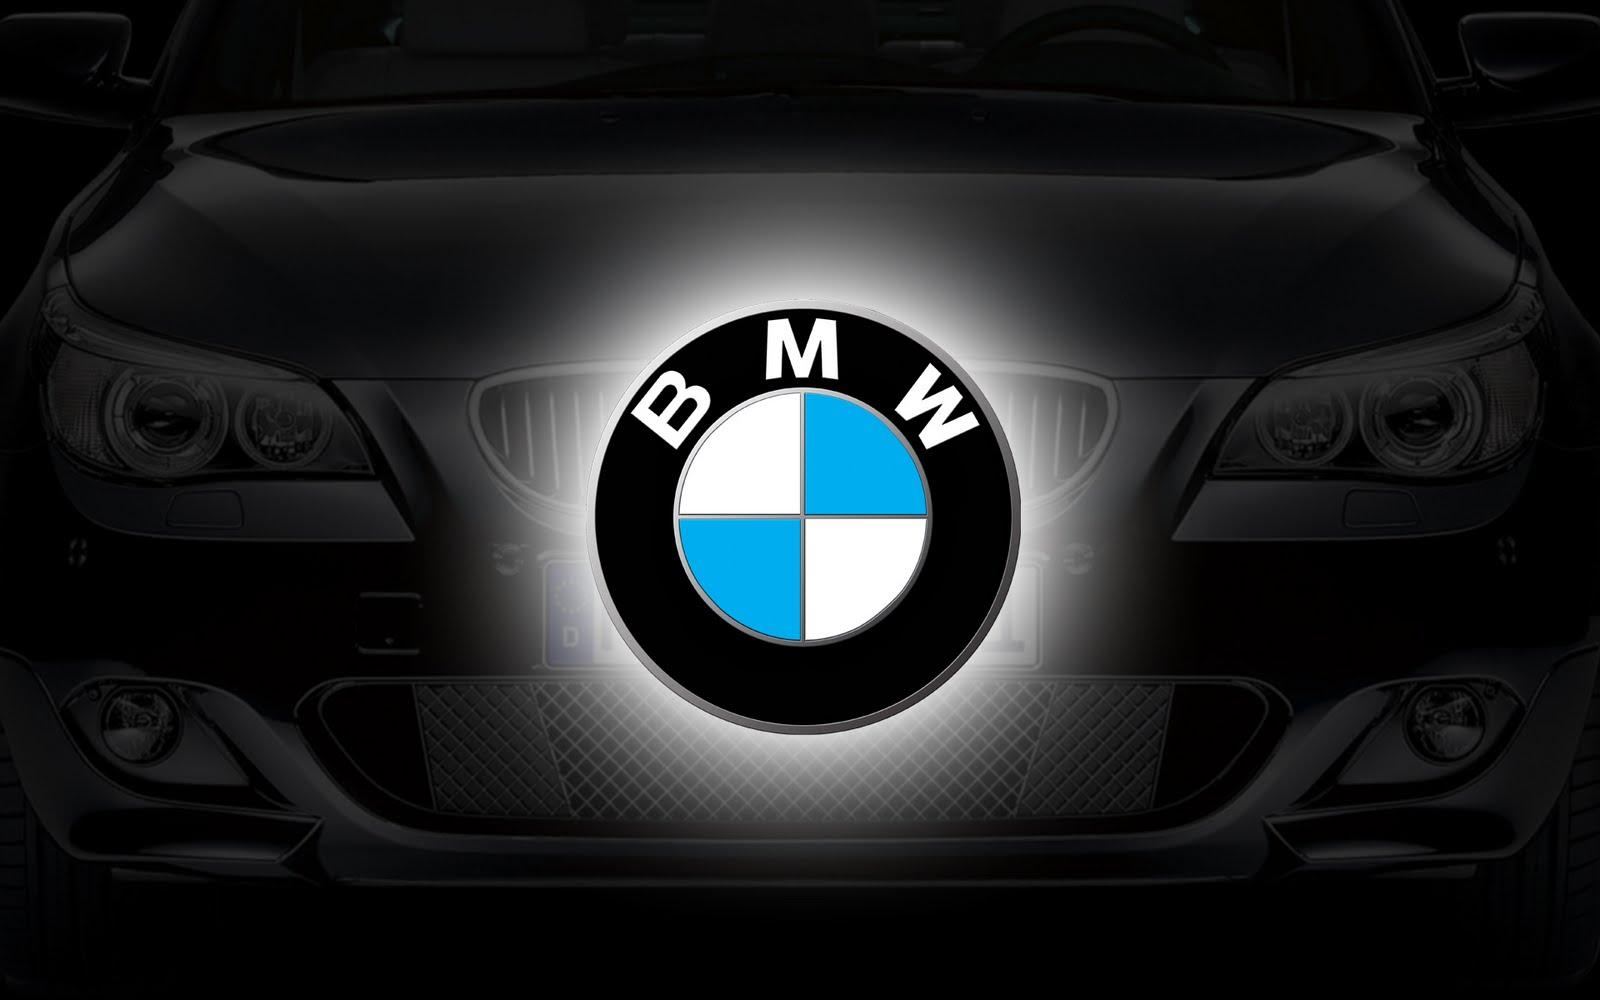 http://2.bp.blogspot.com/-IL6w7PNp7Ak/Td3saqdxVtI/AAAAAAAAASQ/B-JoiozQOEg/s1600/BMW-Logo-Wallpaper.jpg